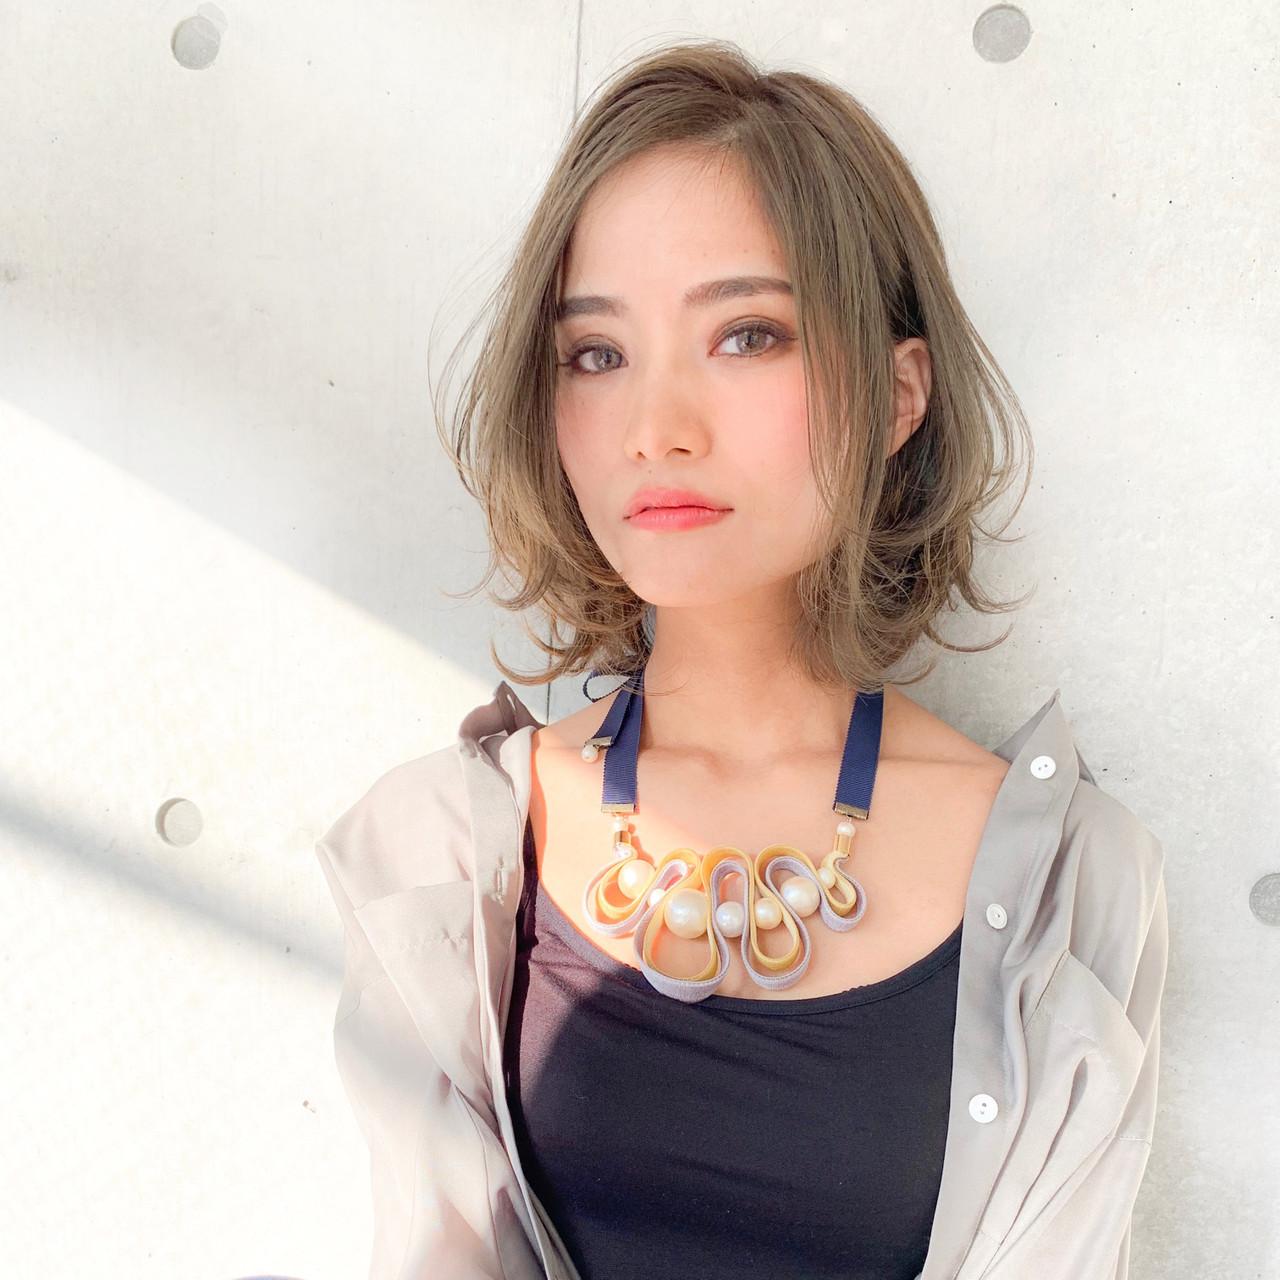 ミディアム ヘアアレンジ フェミニン アンニュイほつれヘア ヘアスタイルや髪型の写真・画像